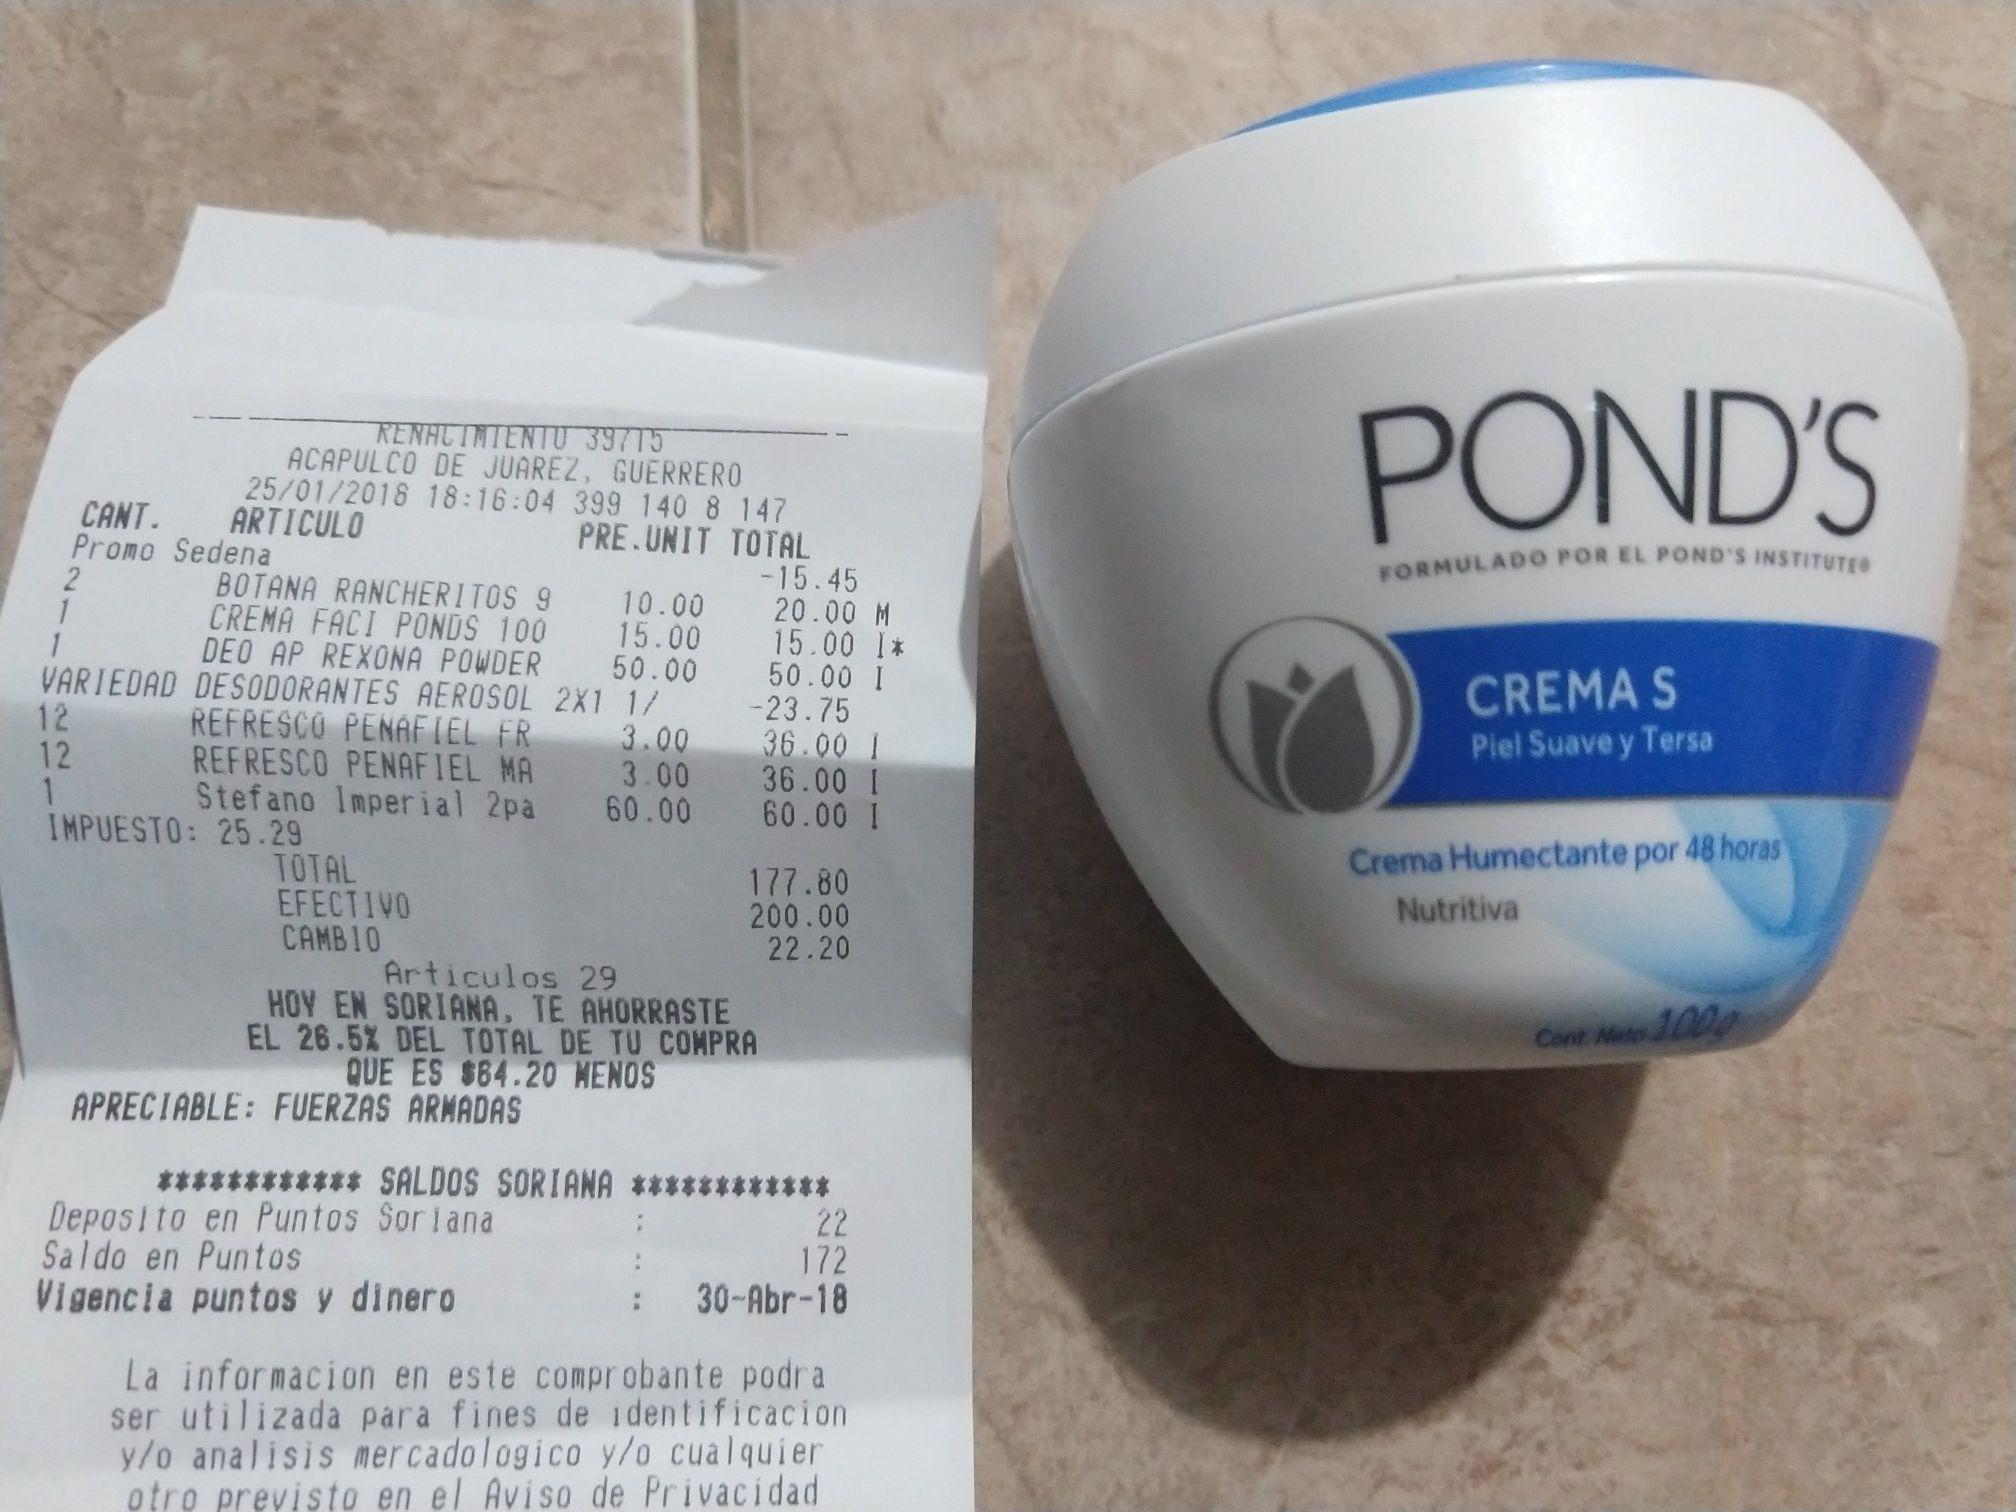 Soriana: Crema Ponds su precio regular es de $45 y la encontré en $15 pesos